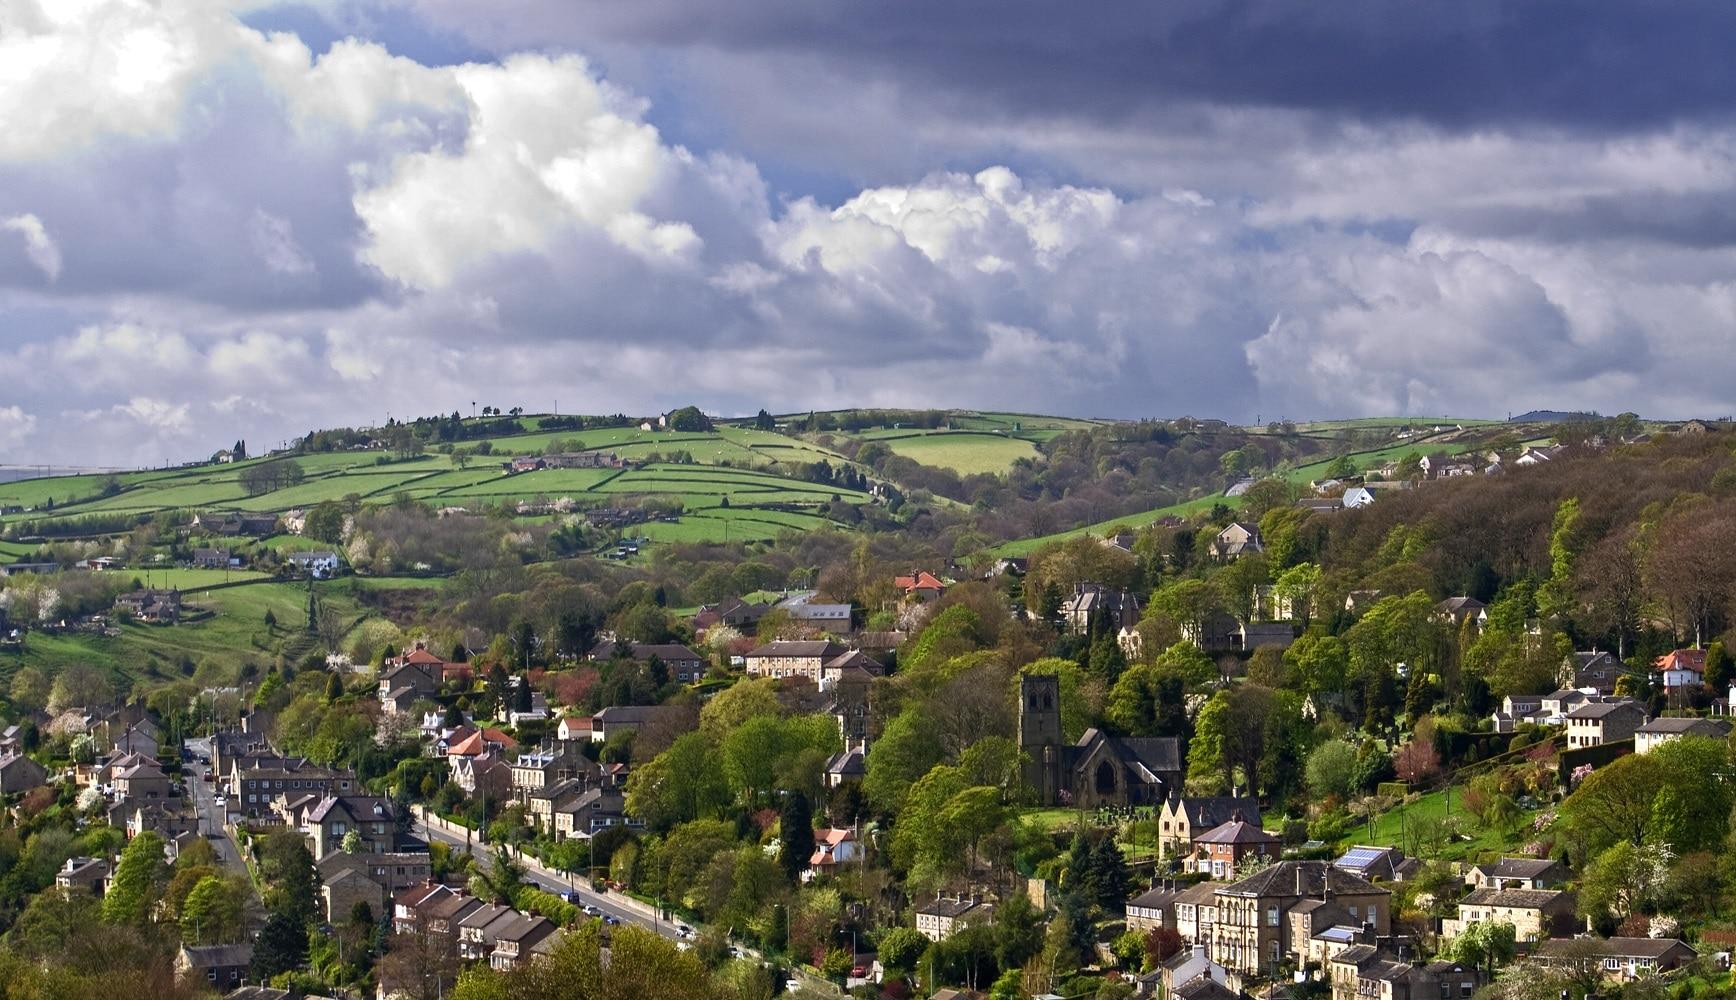 Landscape shot of Holmfirth